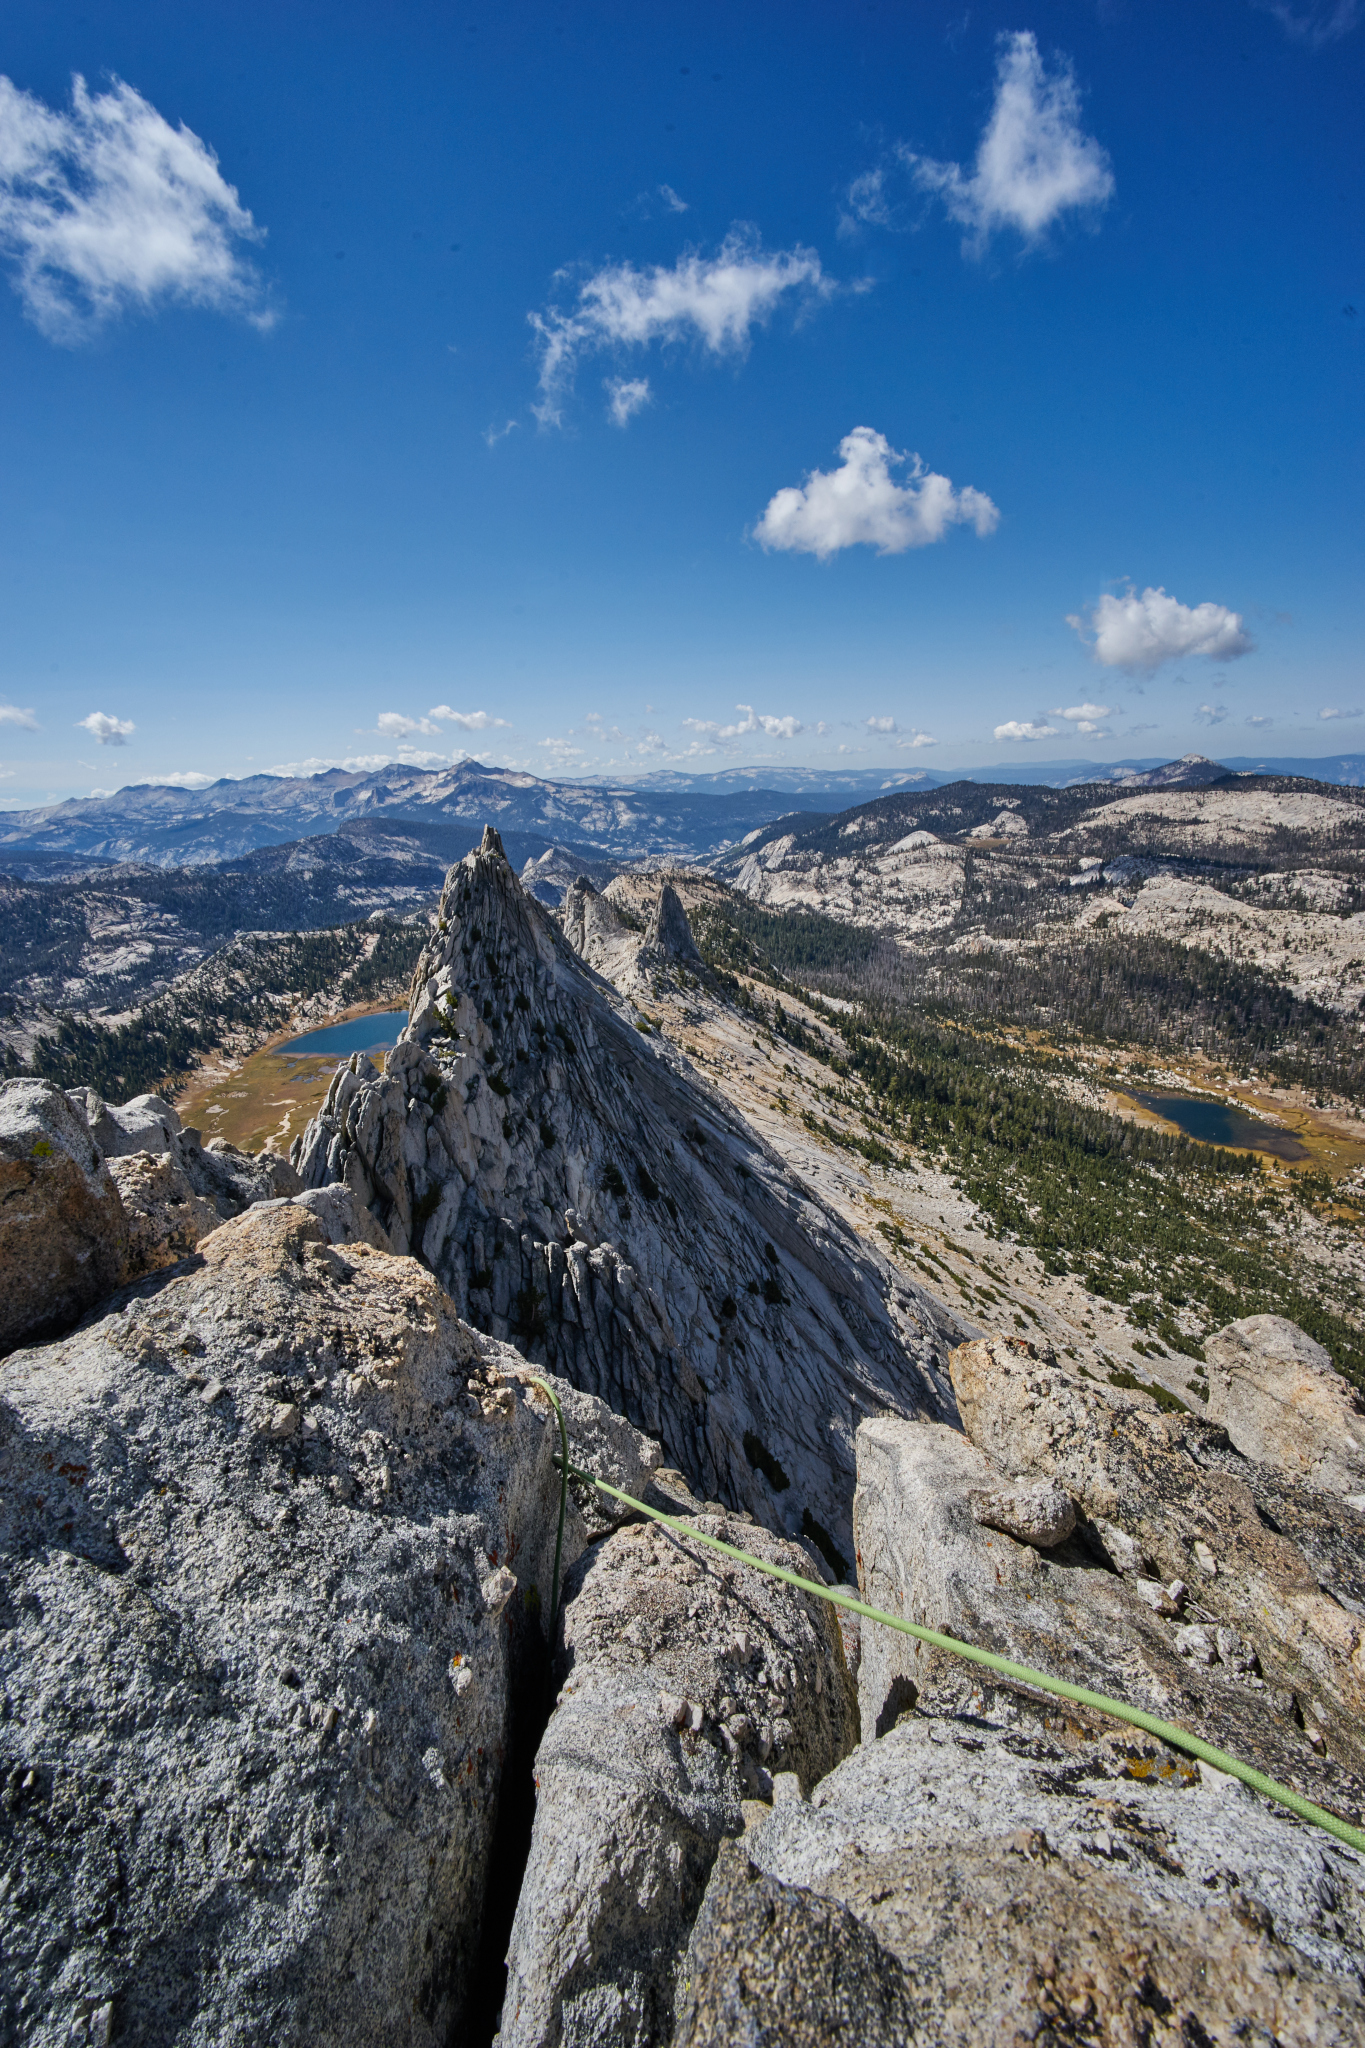 Yosemite_59.jpg